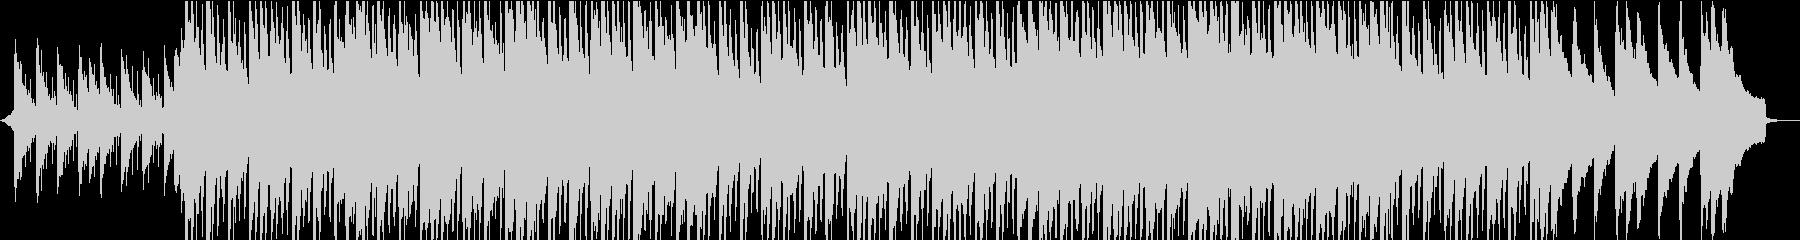 オシャレ・エモーショナルな映像用音楽の未再生の波形